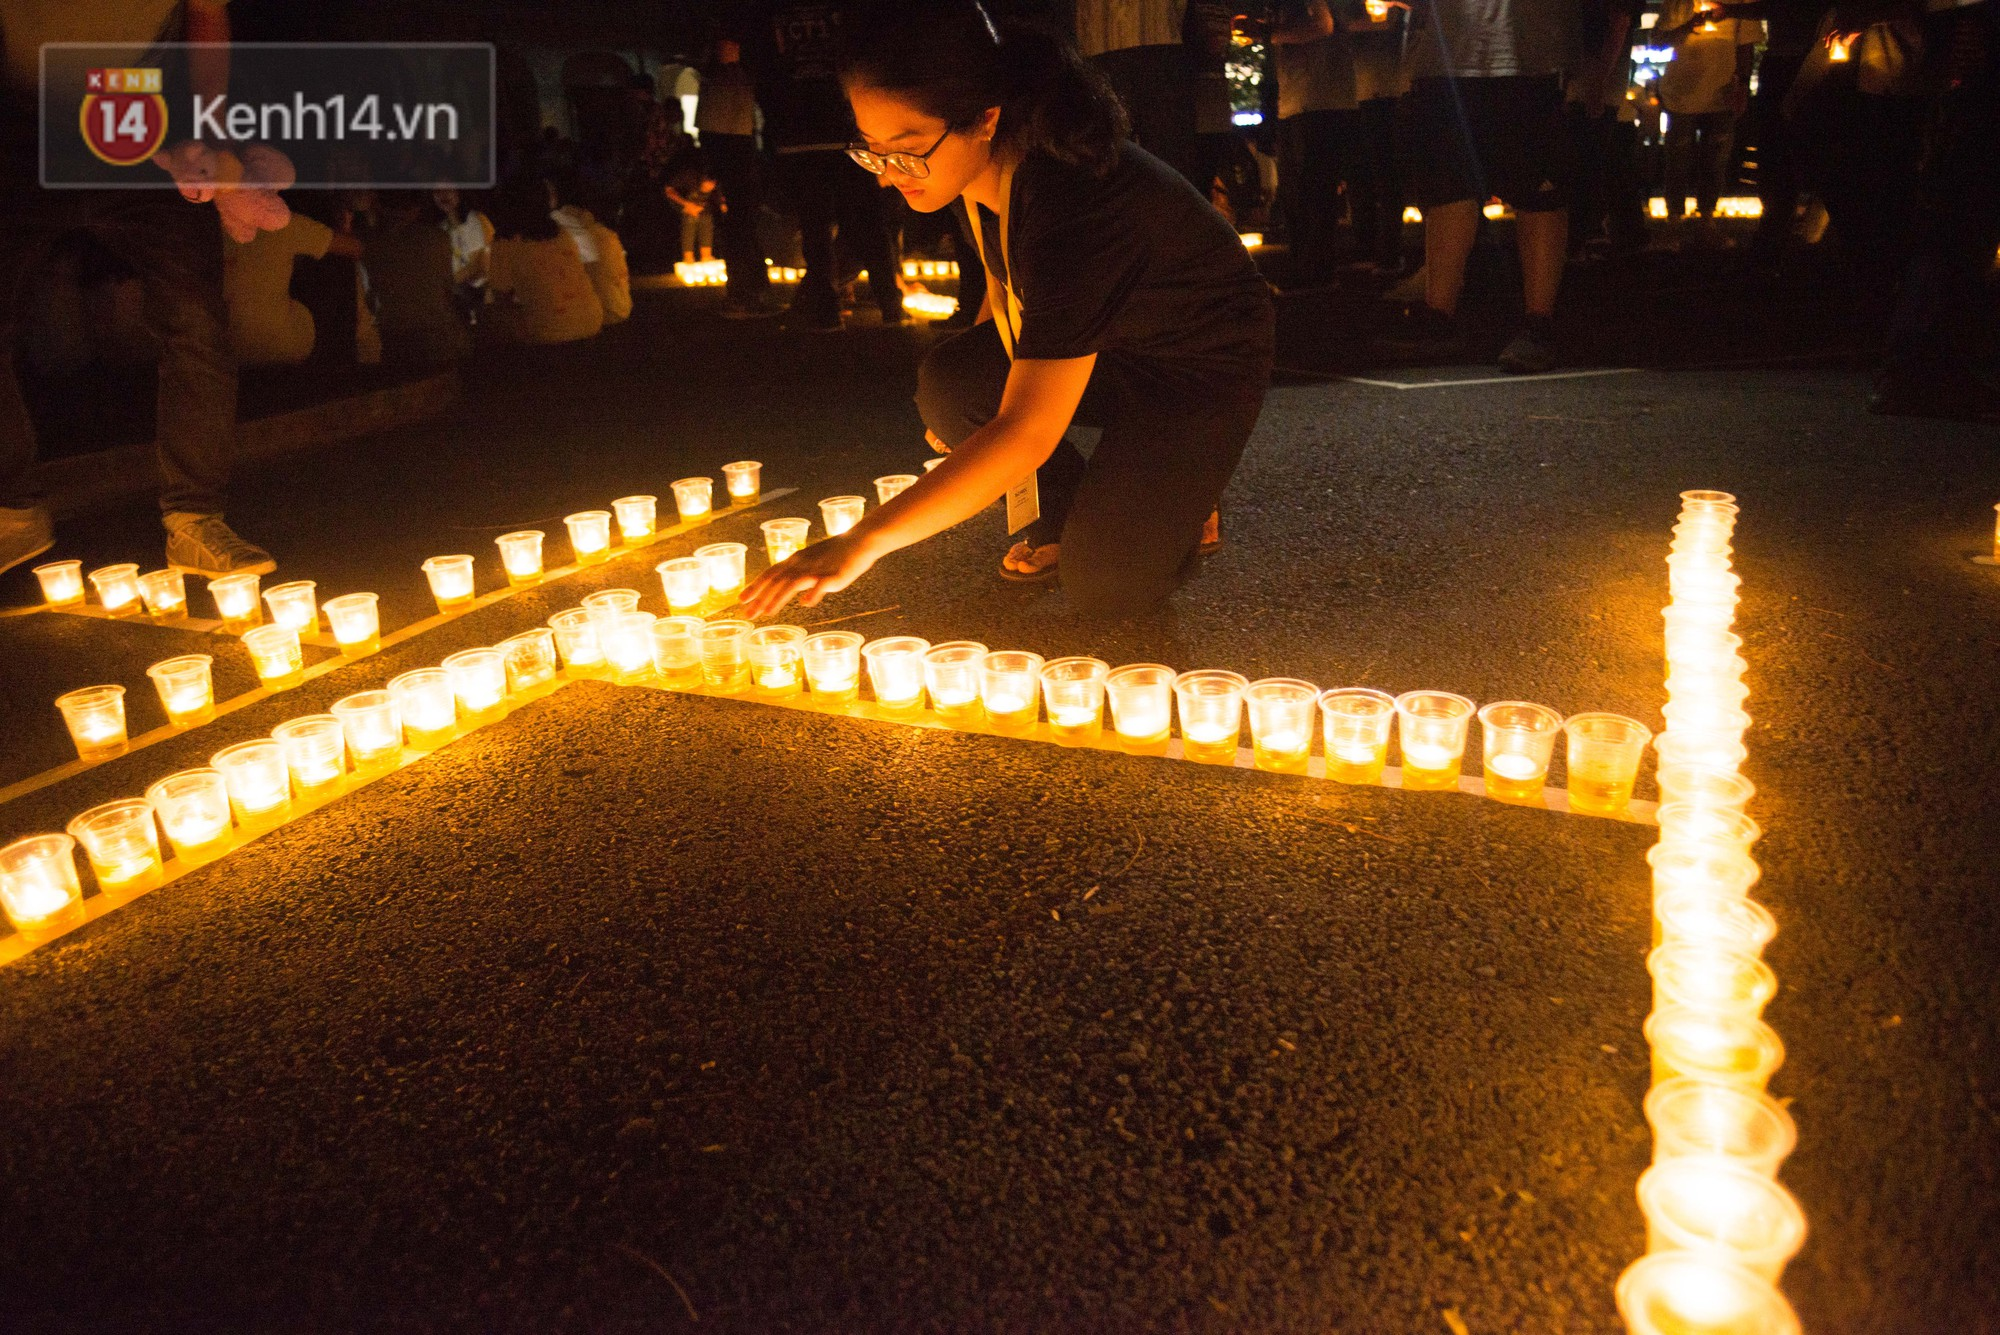 Kế thừa hiệu ứng thắp nến đầy ý nghĩa từ niên khoá trước, năm nay trường chuyên Lê Hồng Phong tiếp tục diễn ra hoạt động thắp nến đi vòng quanh sân trường. Những ngọn nến này chính là ngọn lửa của ước mơ, hoài bão đang cháy lên trong tim của tuổi 18.